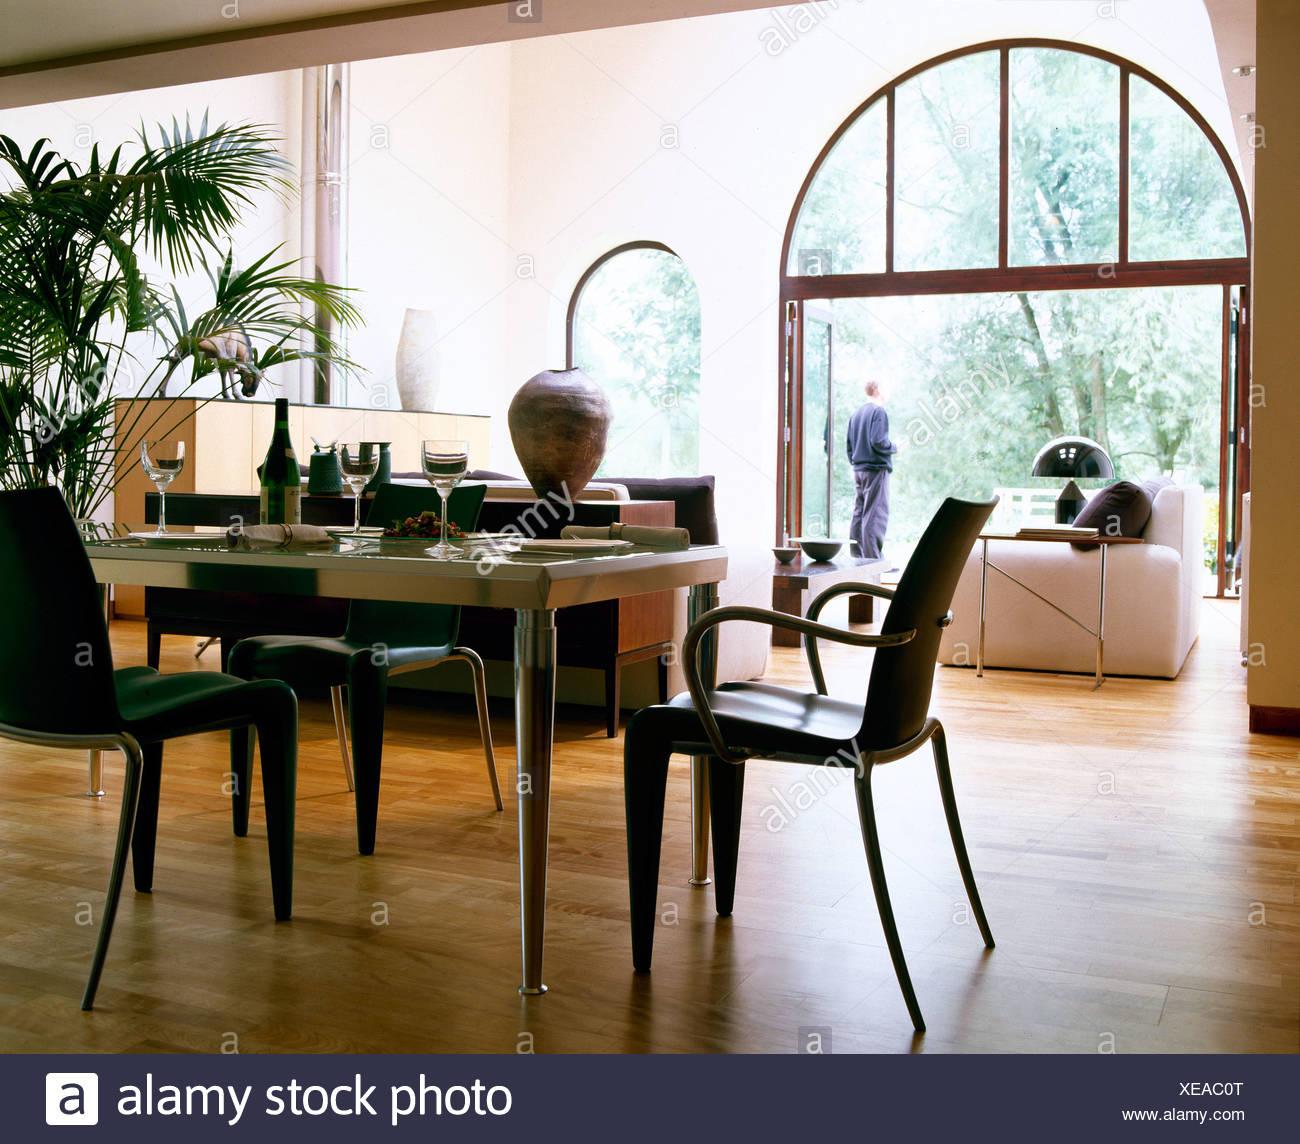 Sedie nere al ripiano in vetro tavolo in metallo nella ...